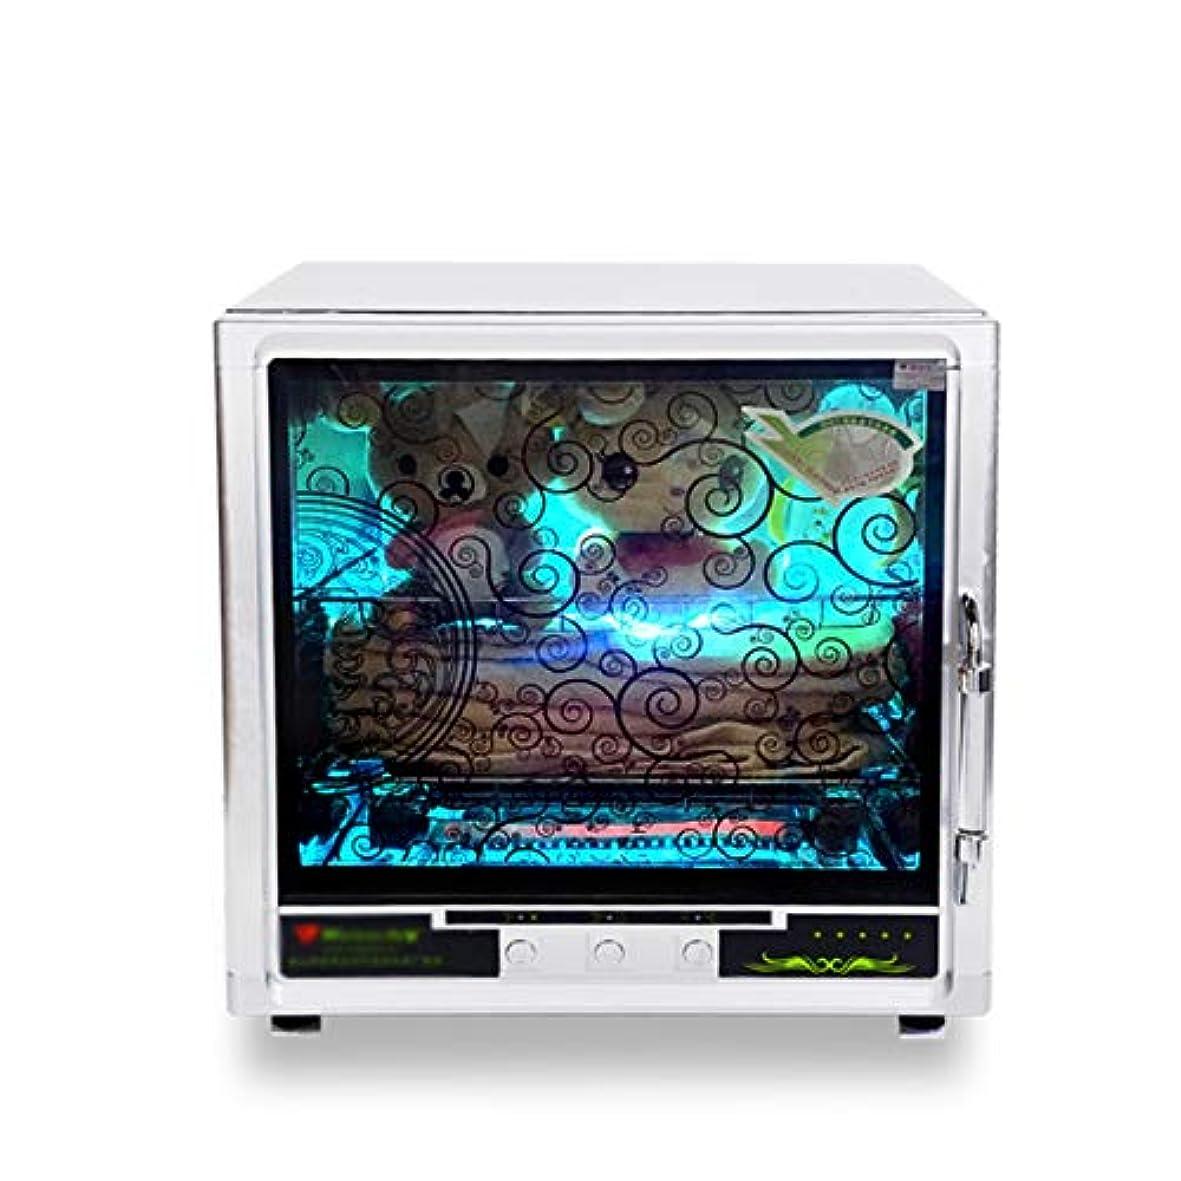 開梱天フクロウタオルウォーマーLEDライトステンレス鋼UV消毒タオルヒーター断熱ホテルホームジム容量50Lホワイト